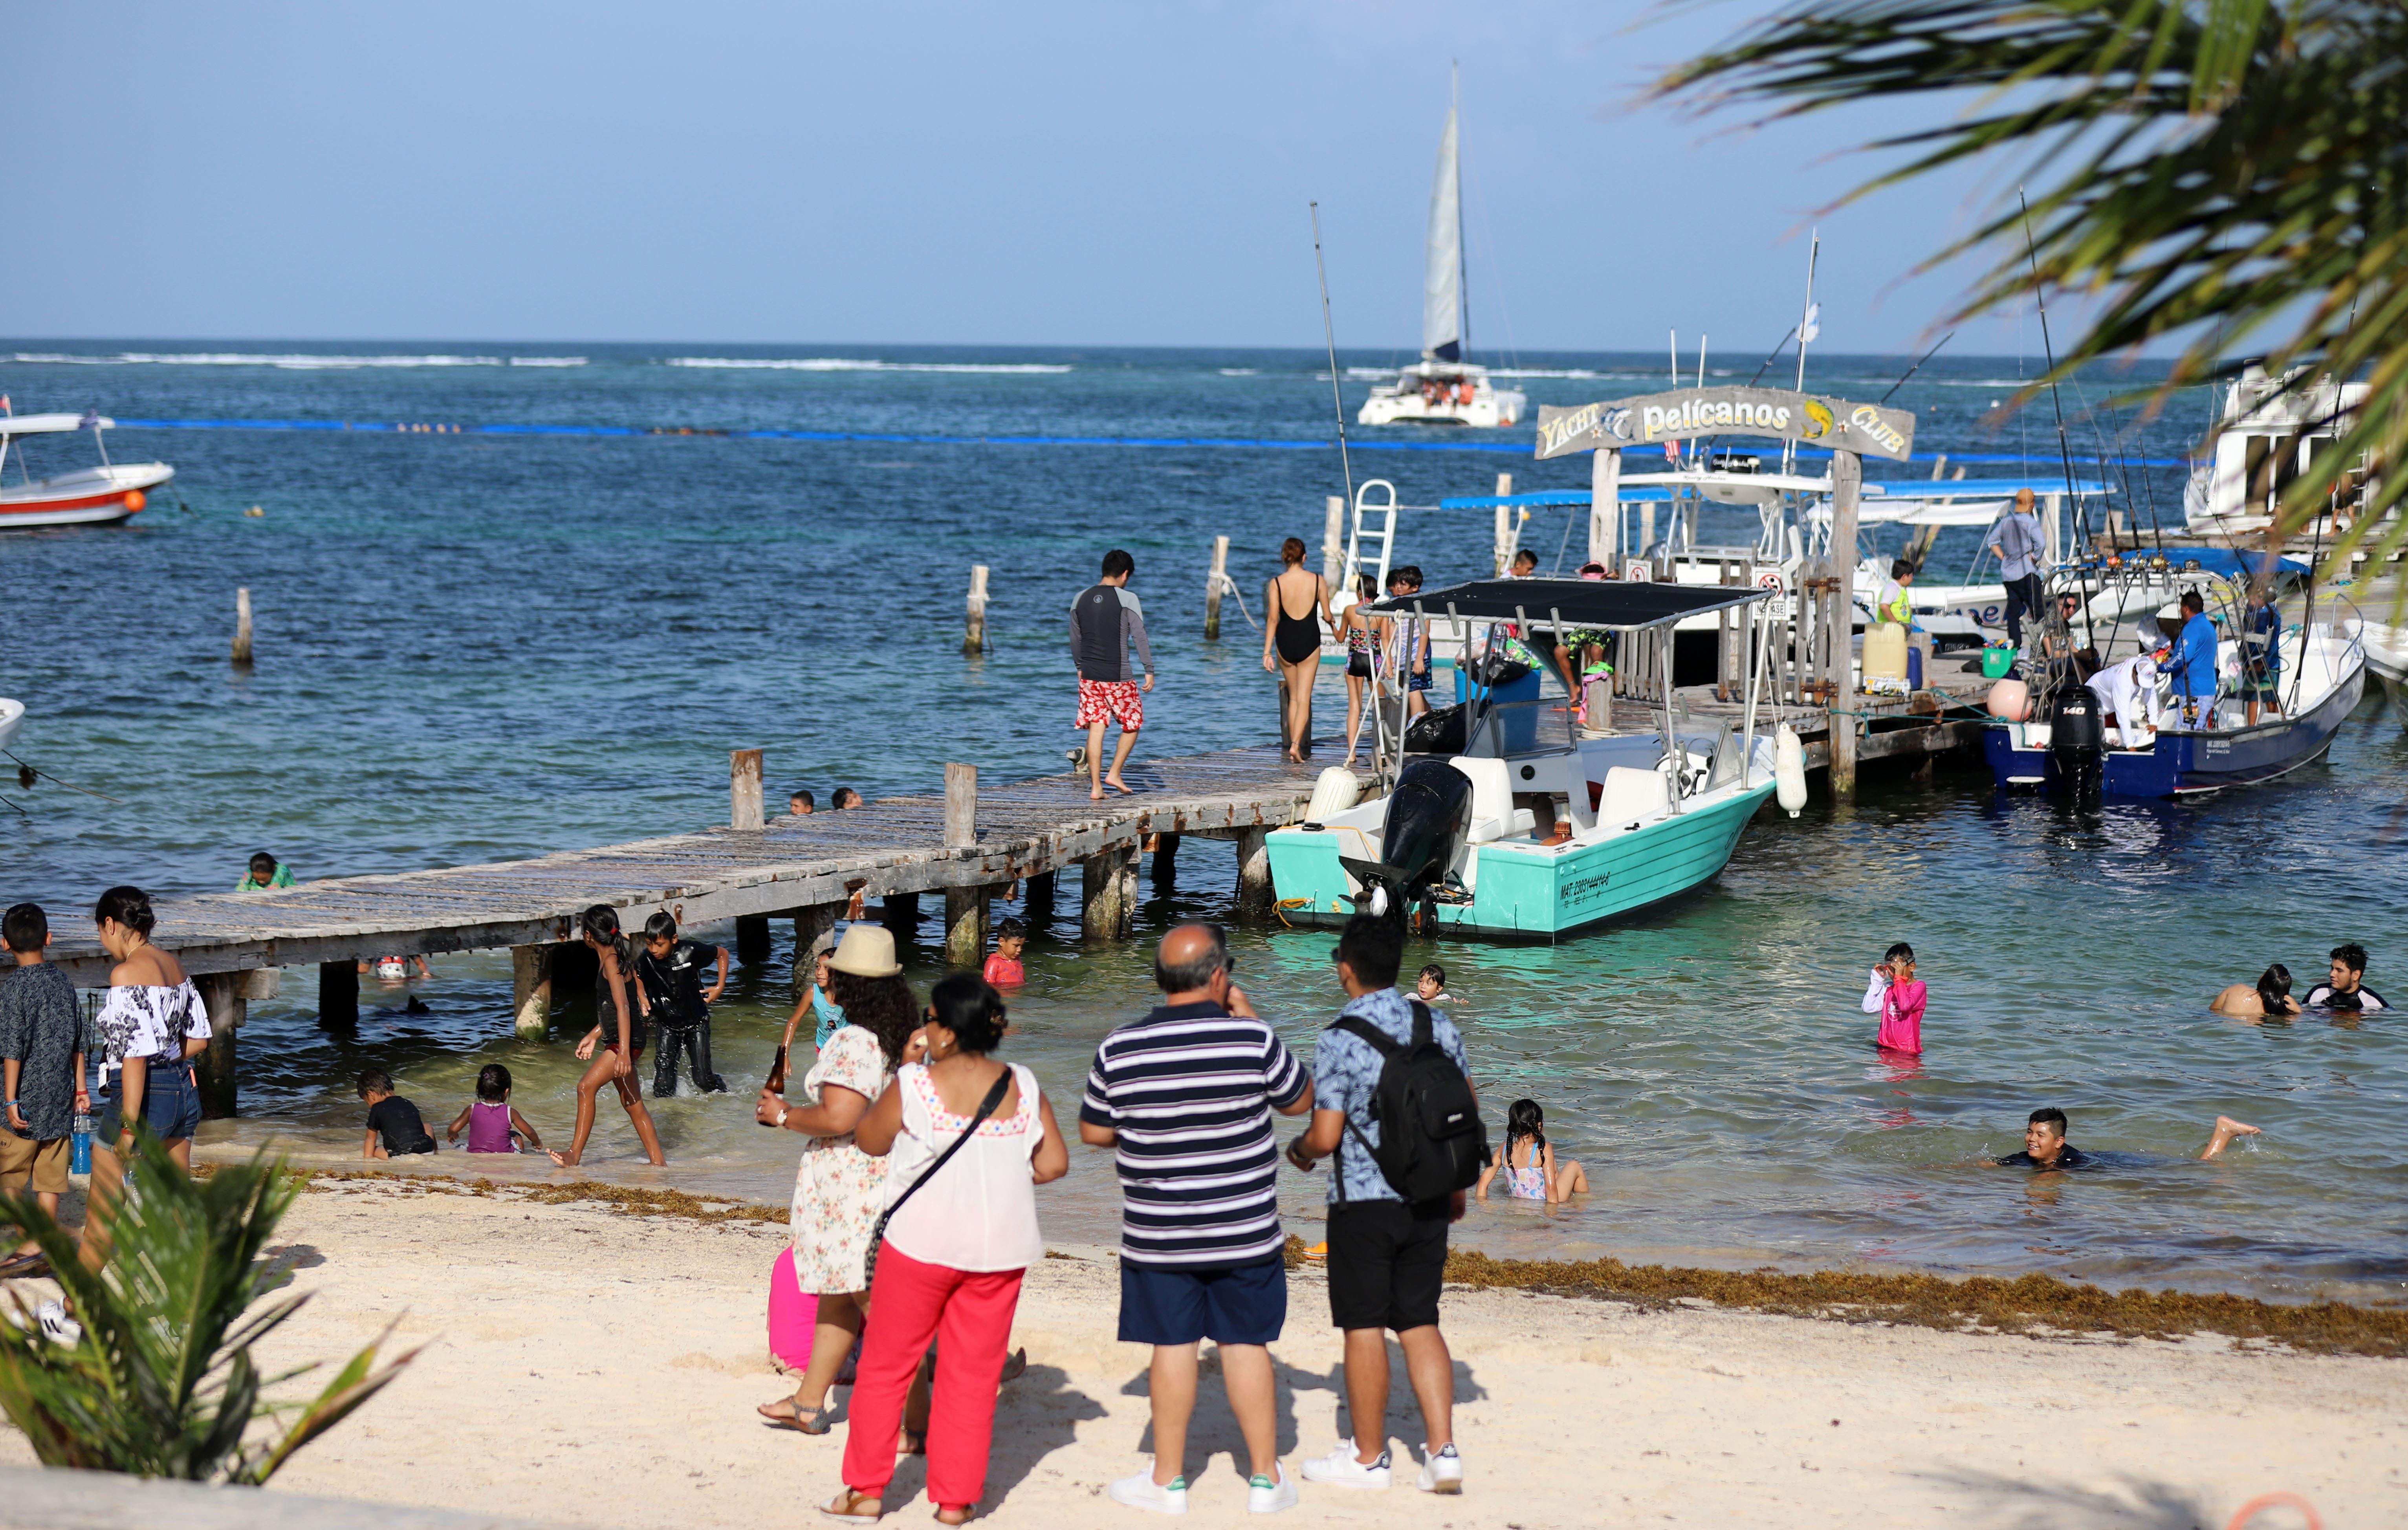 El buen clima y la inmejorable condición de las playas se conjuntaron para que se registrara una gran afluencia de visitantes